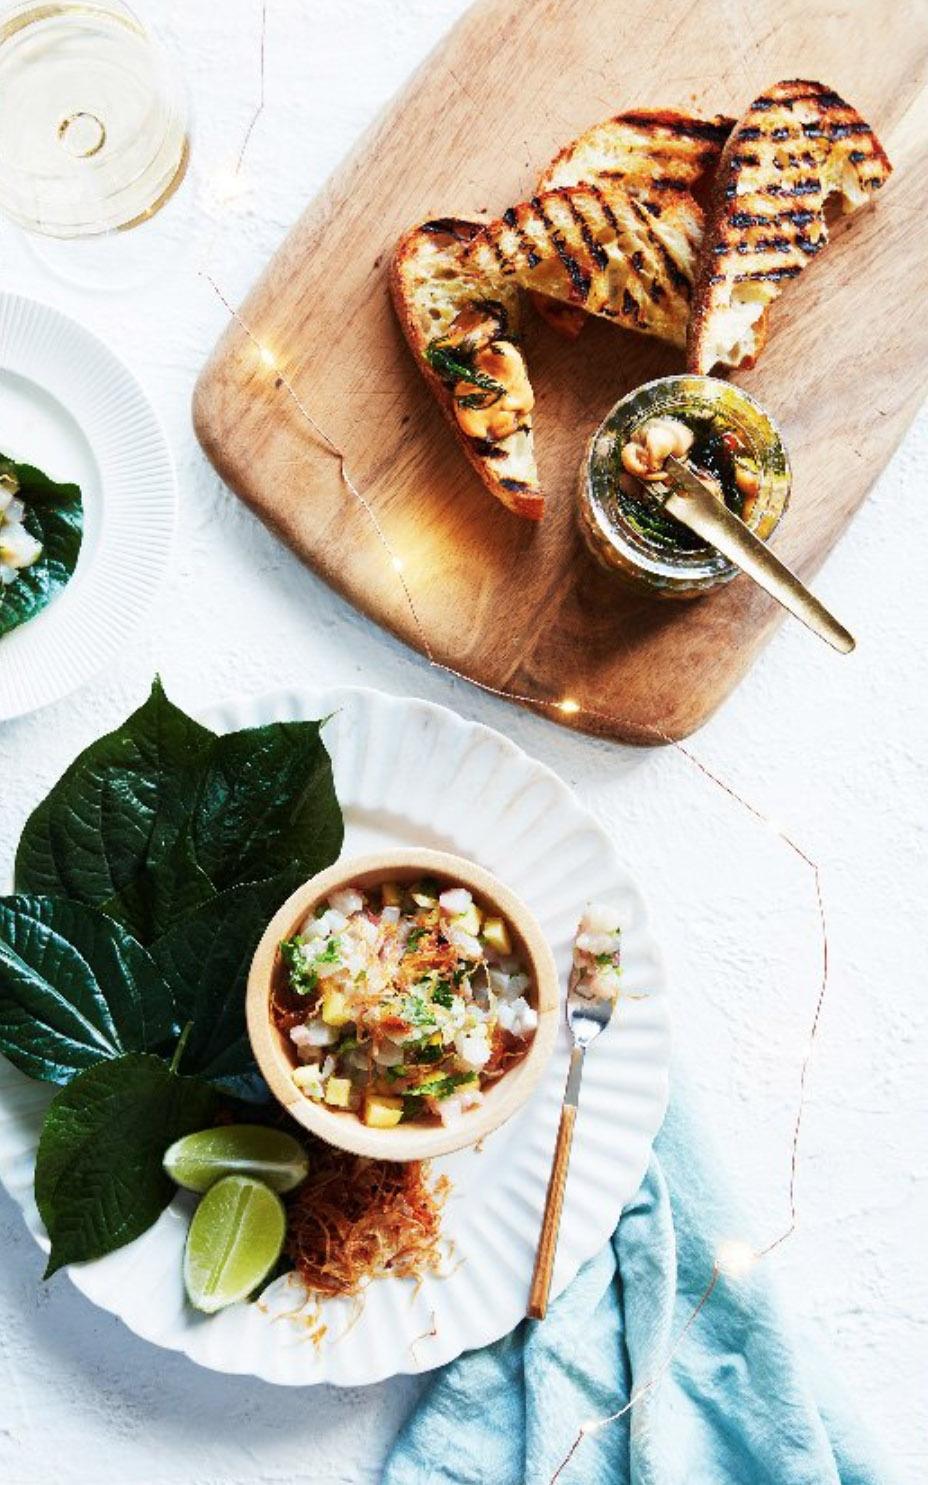 Kerrie-Ann-Jones-Food-7.jpg